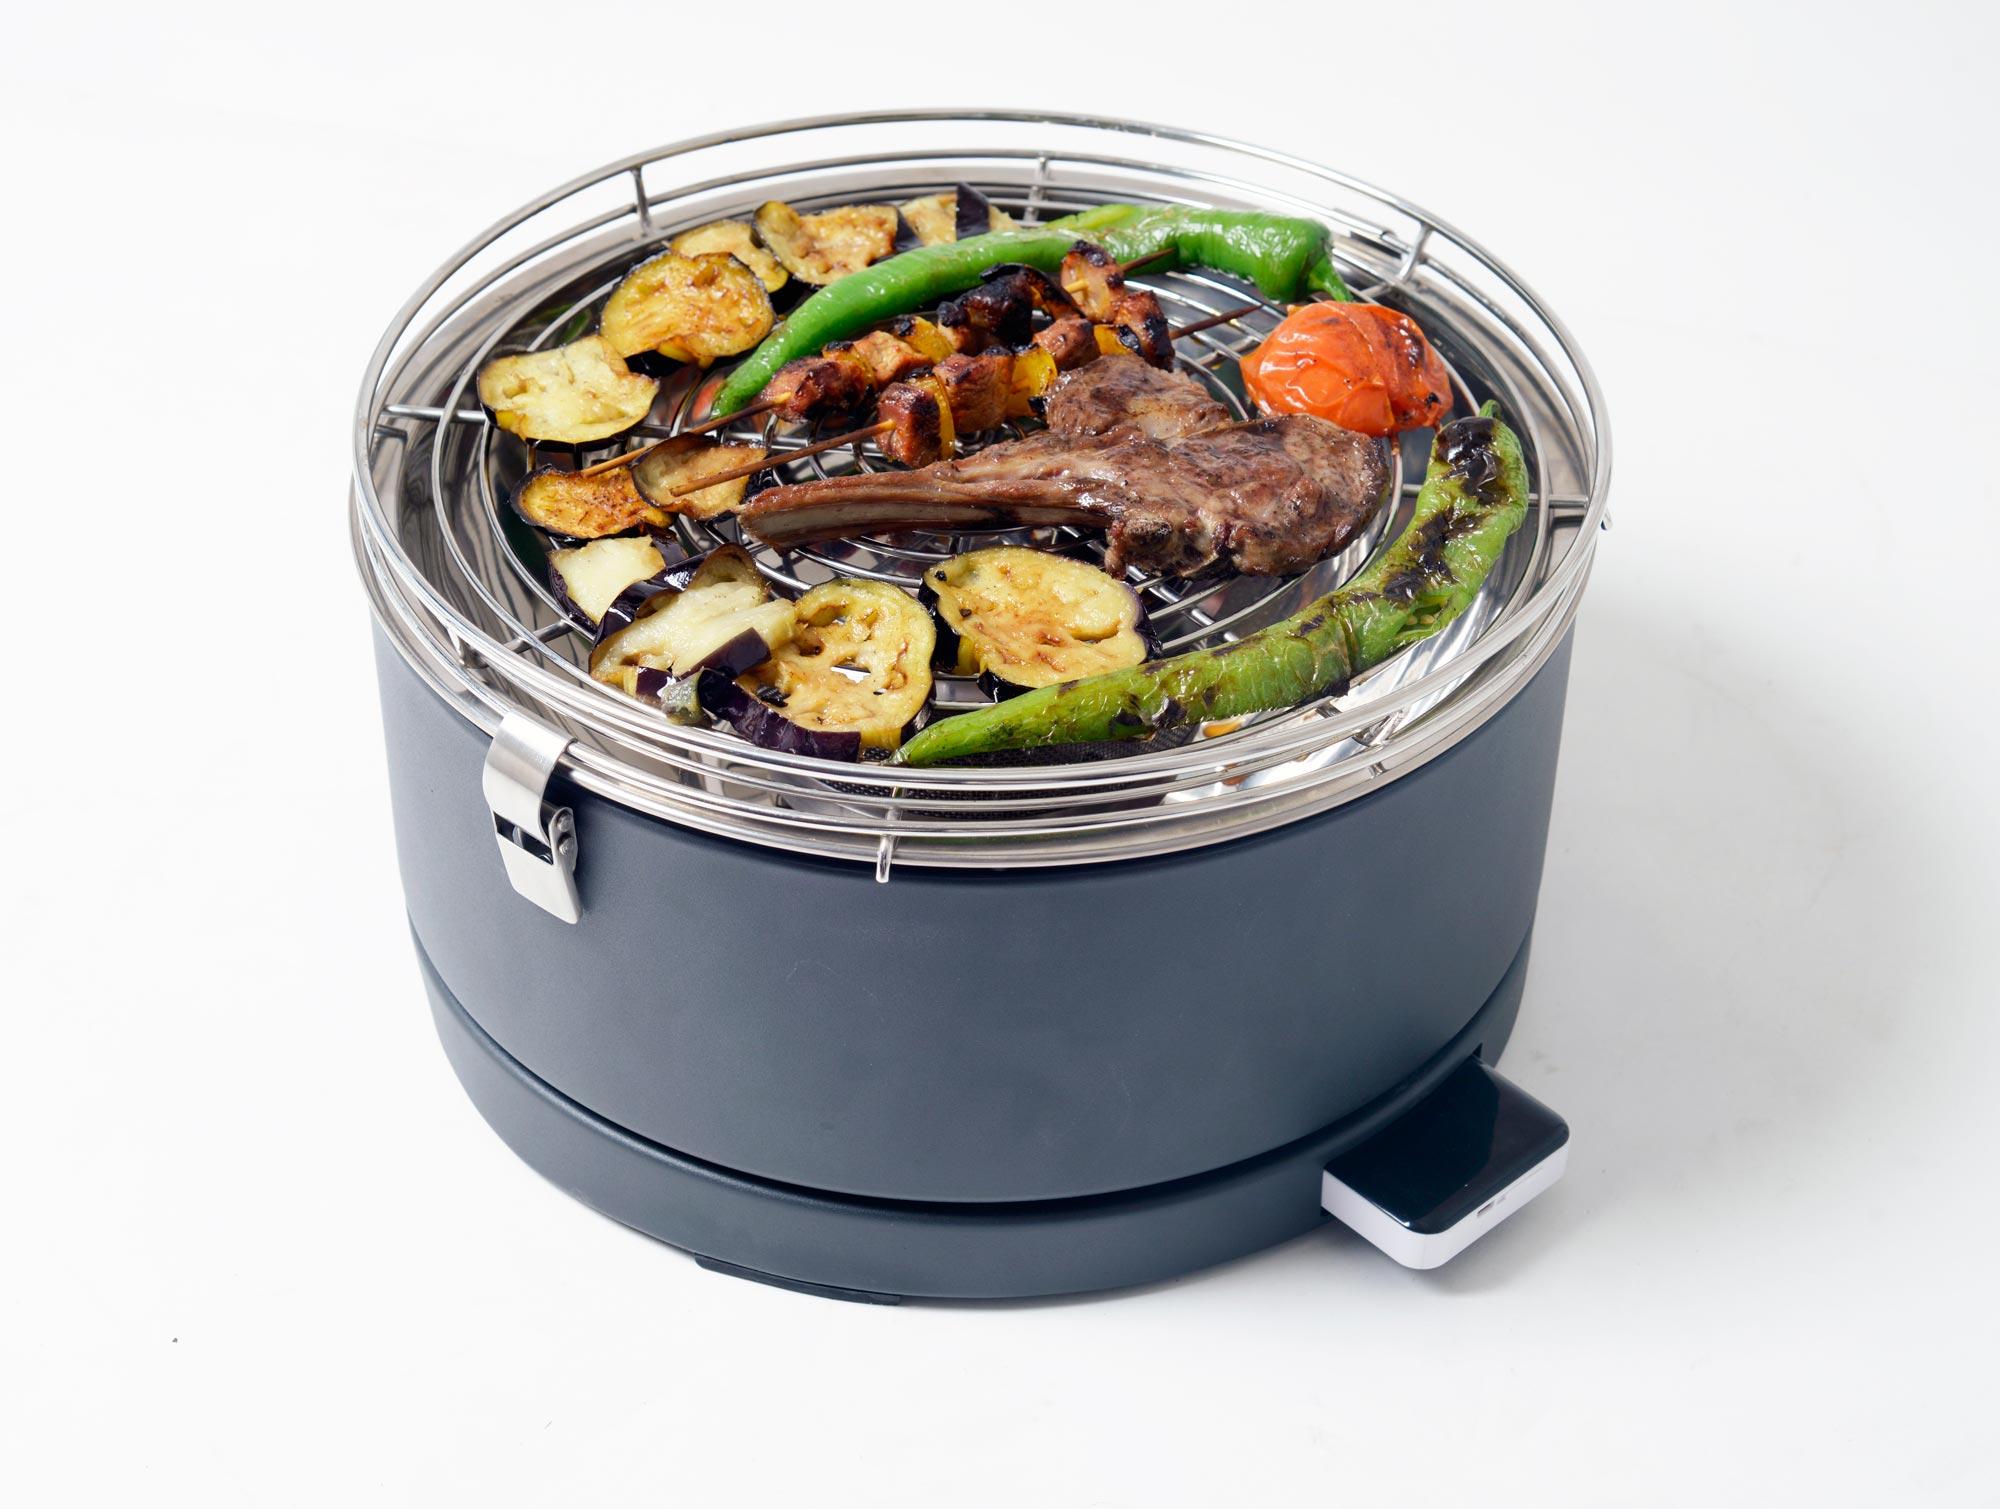 Rauchfreier Tisch Holzkohlegrill : Rauchfreier grill feuerdesign mayon Ø cm weiß bei edingershops